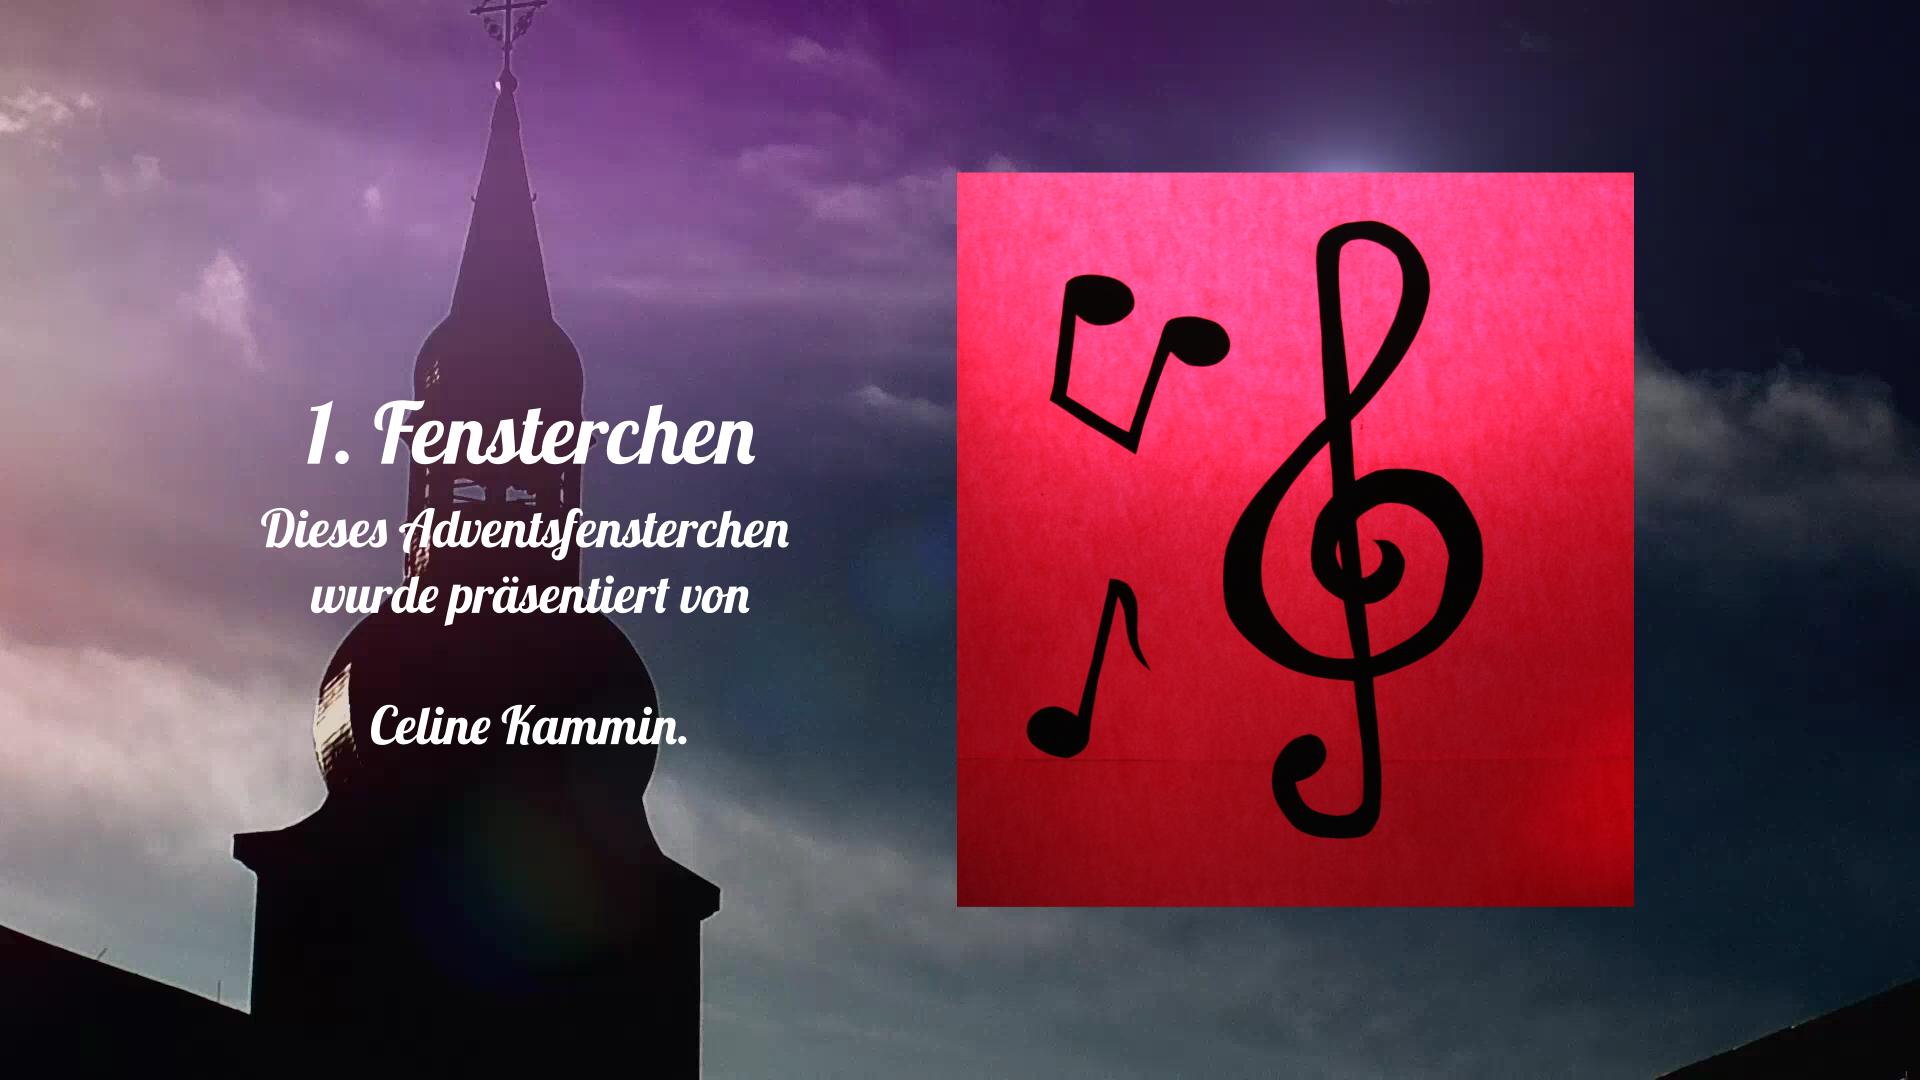 Der Adventskalender der evangelischen Kirche Lüttringhausen findet online statt: Lütterkuser Advent.